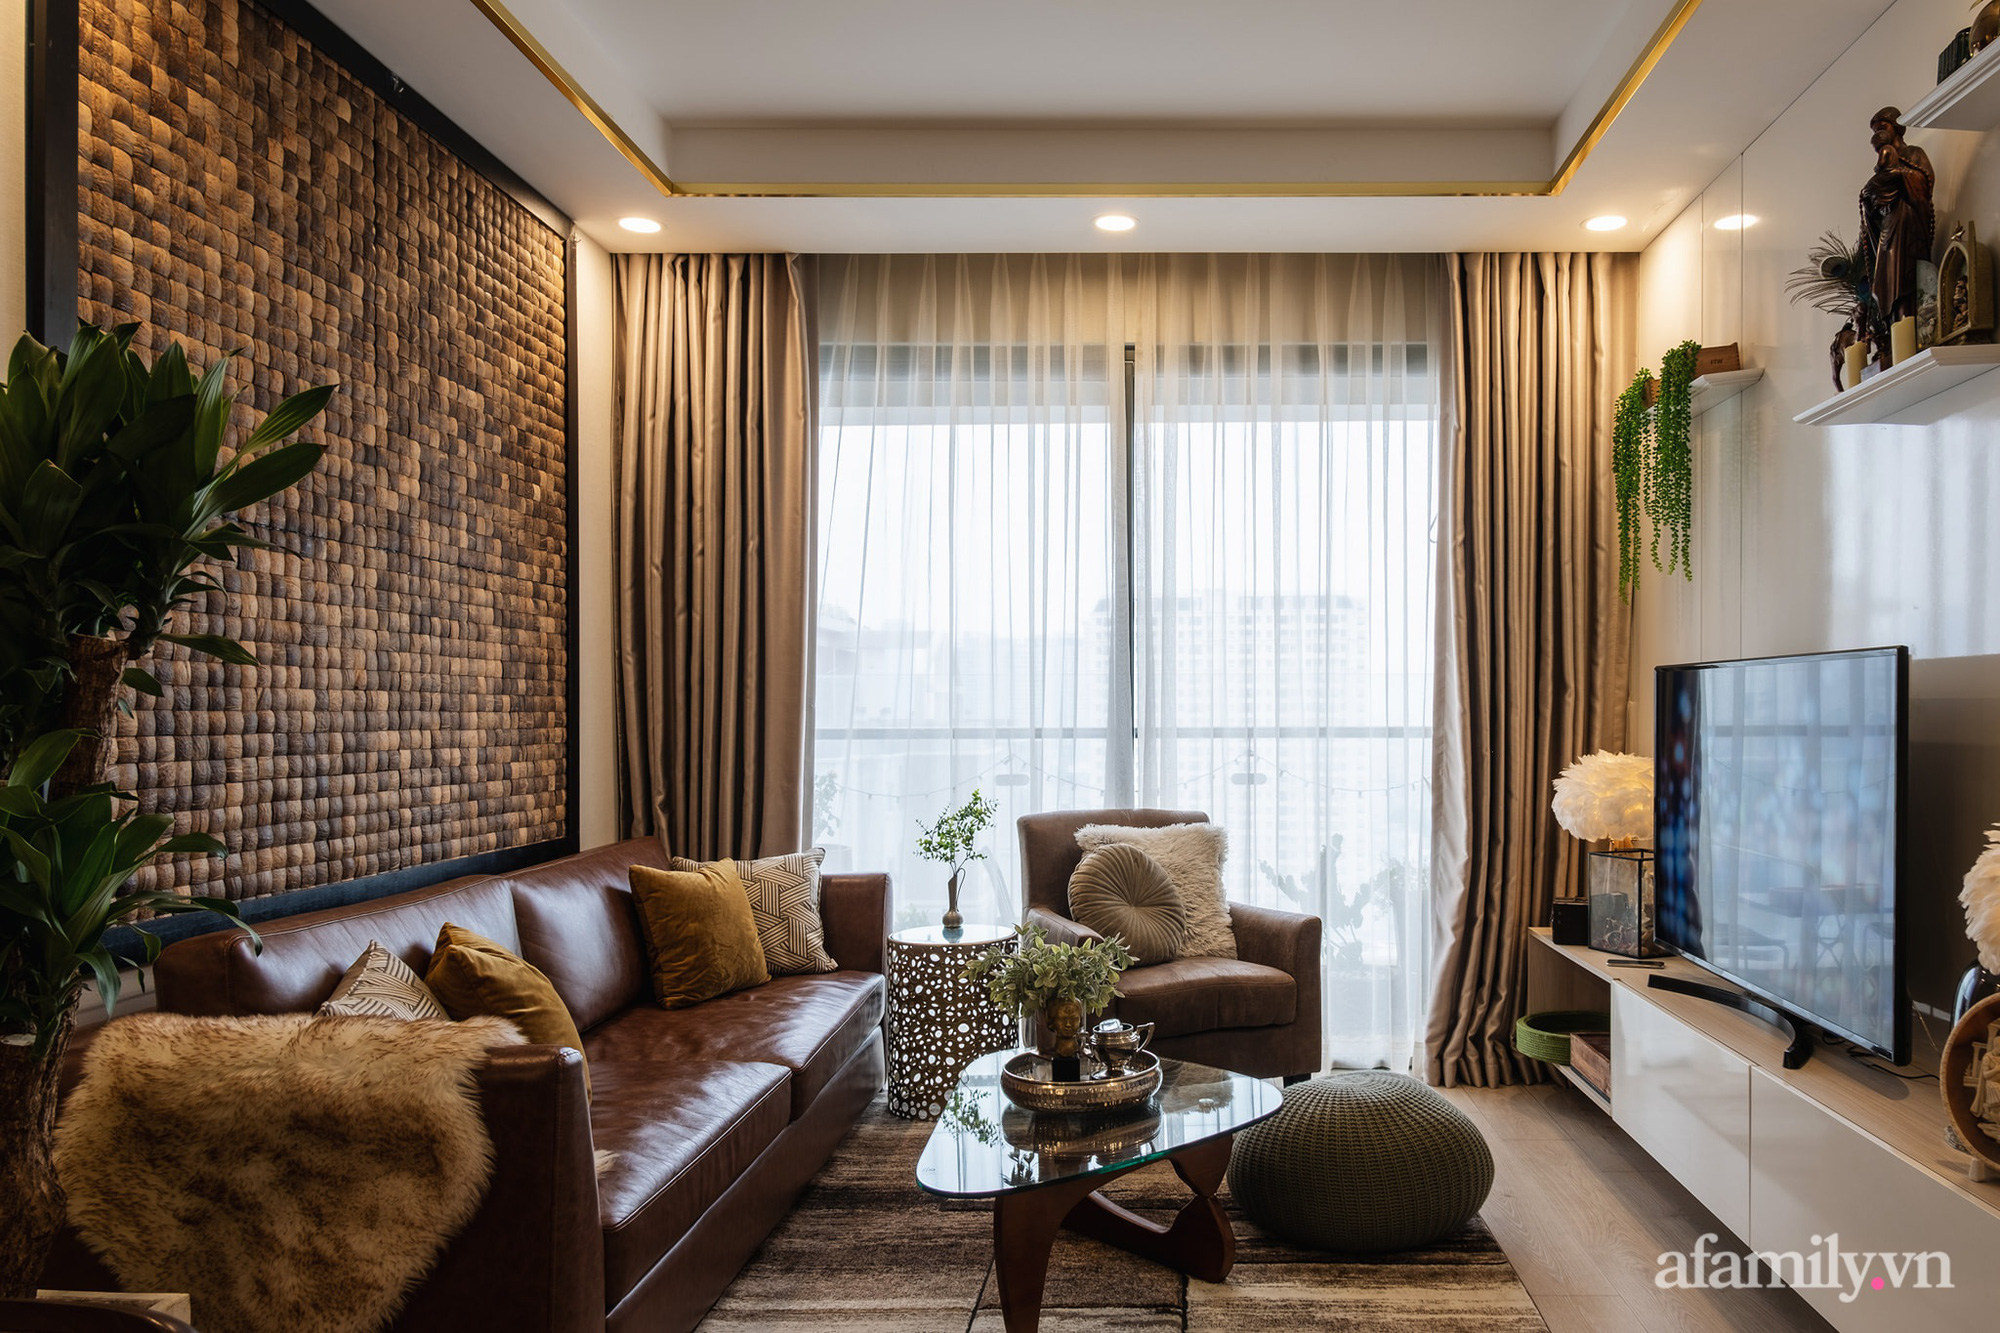 Căn hộ 70m² màu nâu trầm đẹp sang chảnh với chi phí hoàn thiện nội thất 400 triệu đồng ở Sài Gòn - Ảnh 2.